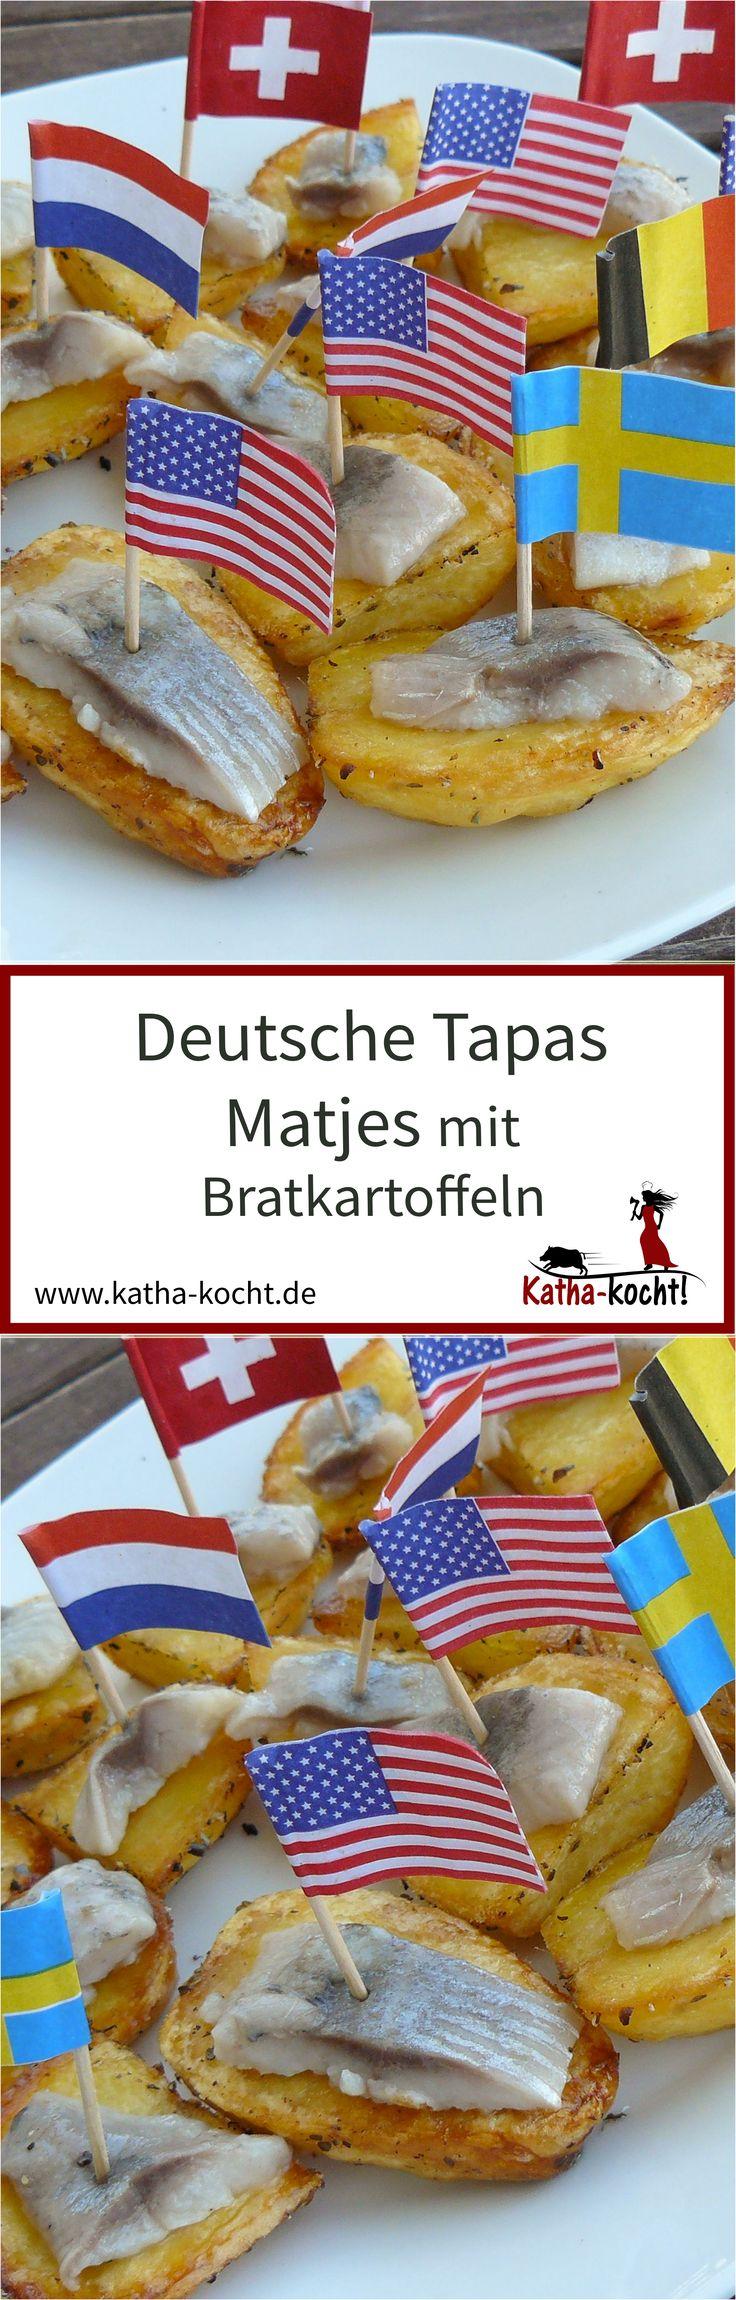 Eine tolle Idee für das nächste Partybuffet sind deutsche Tapas - dieser Matjes auf Bratkartoffeln ist schnell vorbereitet und lässt sich wunderbar snacken. Das Rezept gibt es auf katha-kocht!